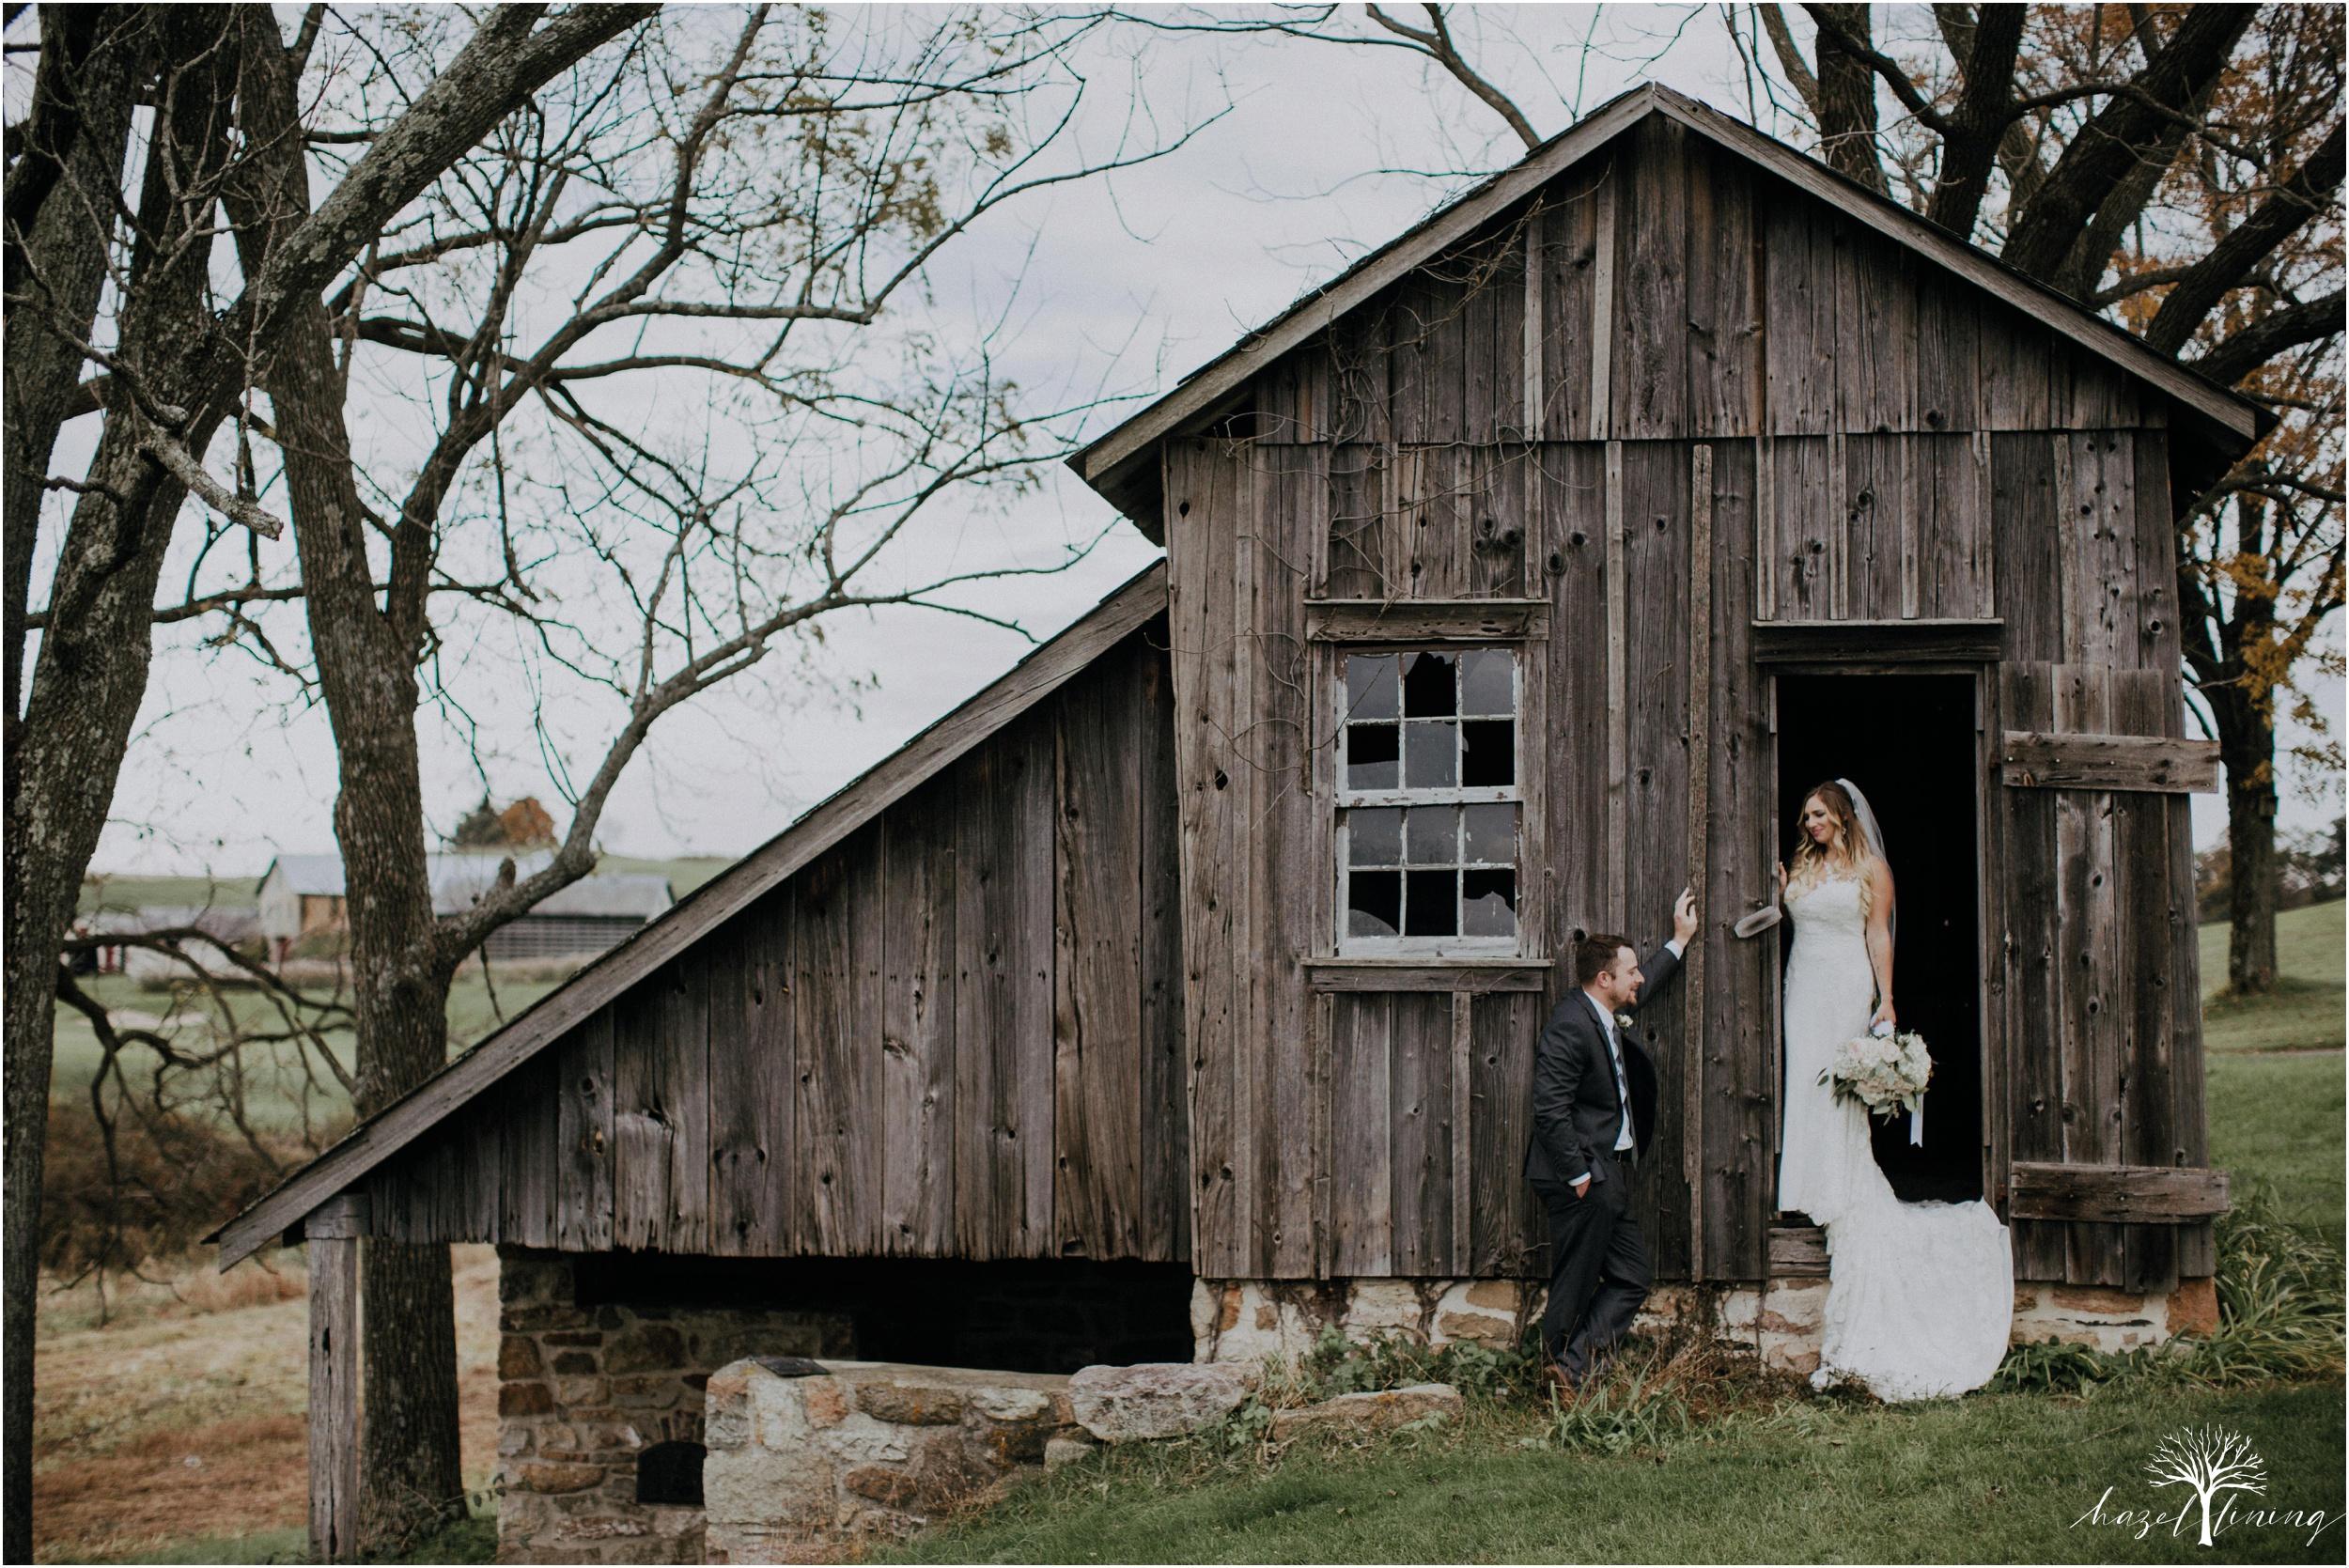 jessie-martin-zach-umlauf-olde-homestead-golfclub-outdoor-autumn-wedding_0117.jpg